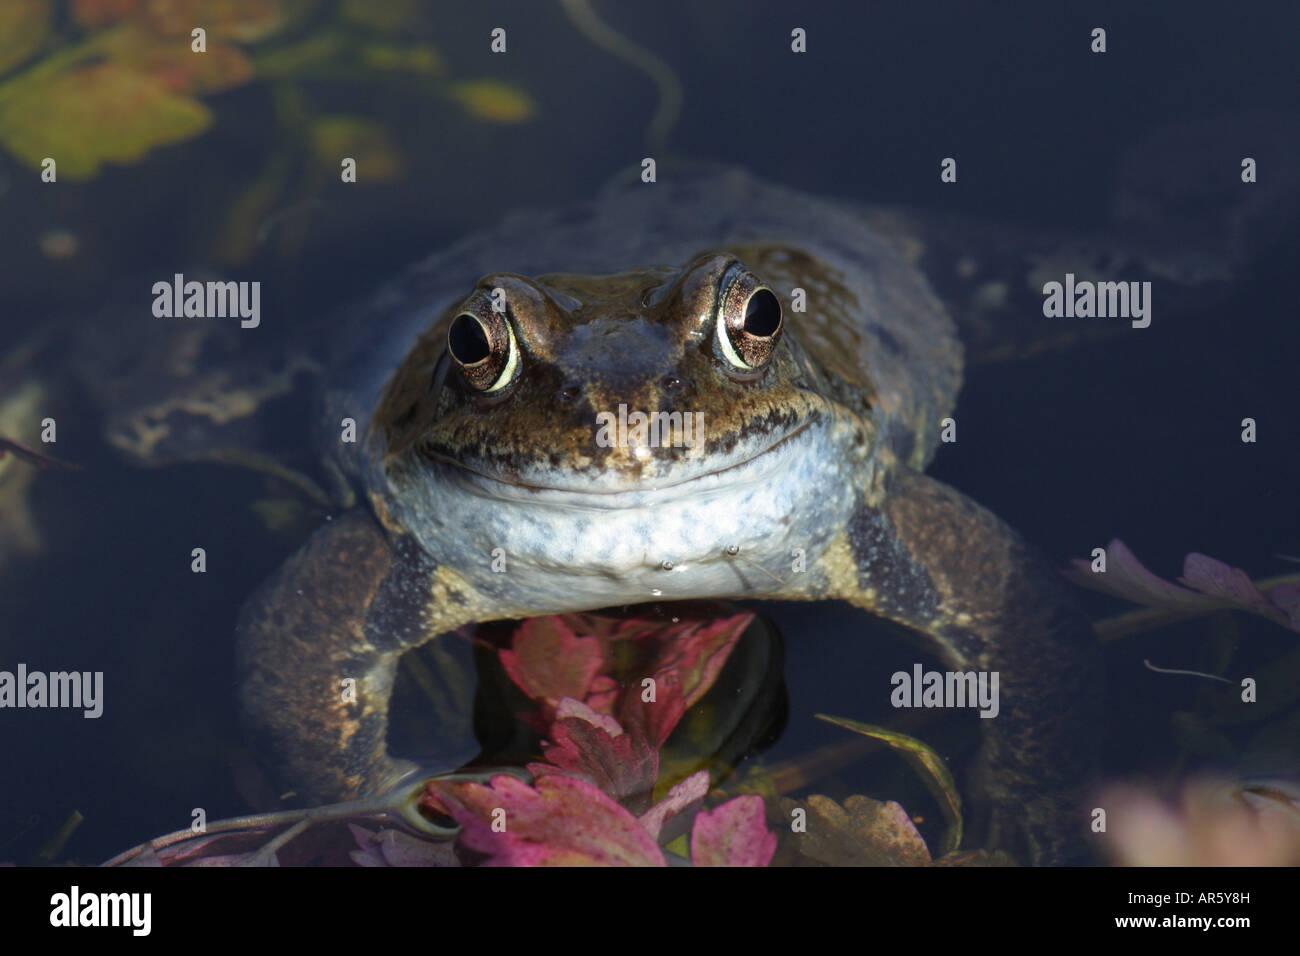 Common Frog Rana temporaria in a garden pond - Stock Image